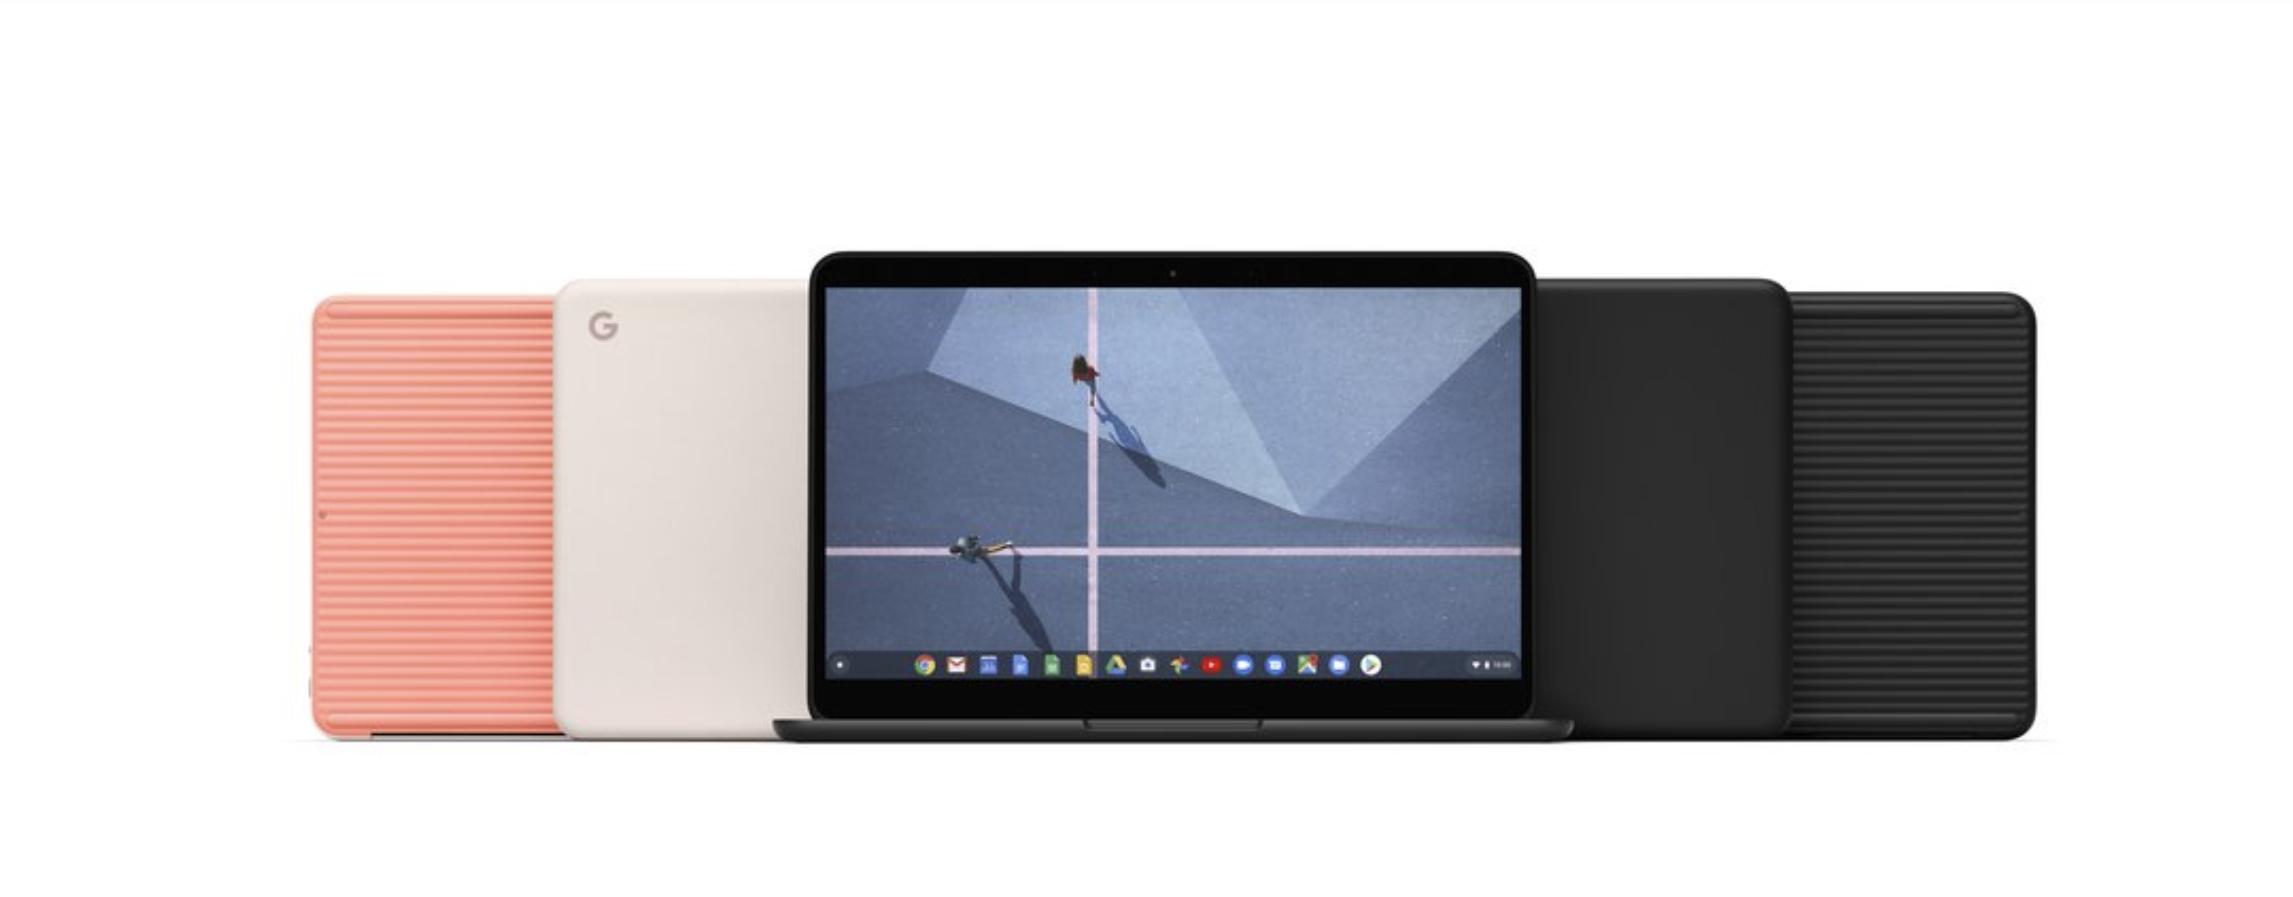 Pixelbook Go oficiálně představen – levnější a stejně výkonný